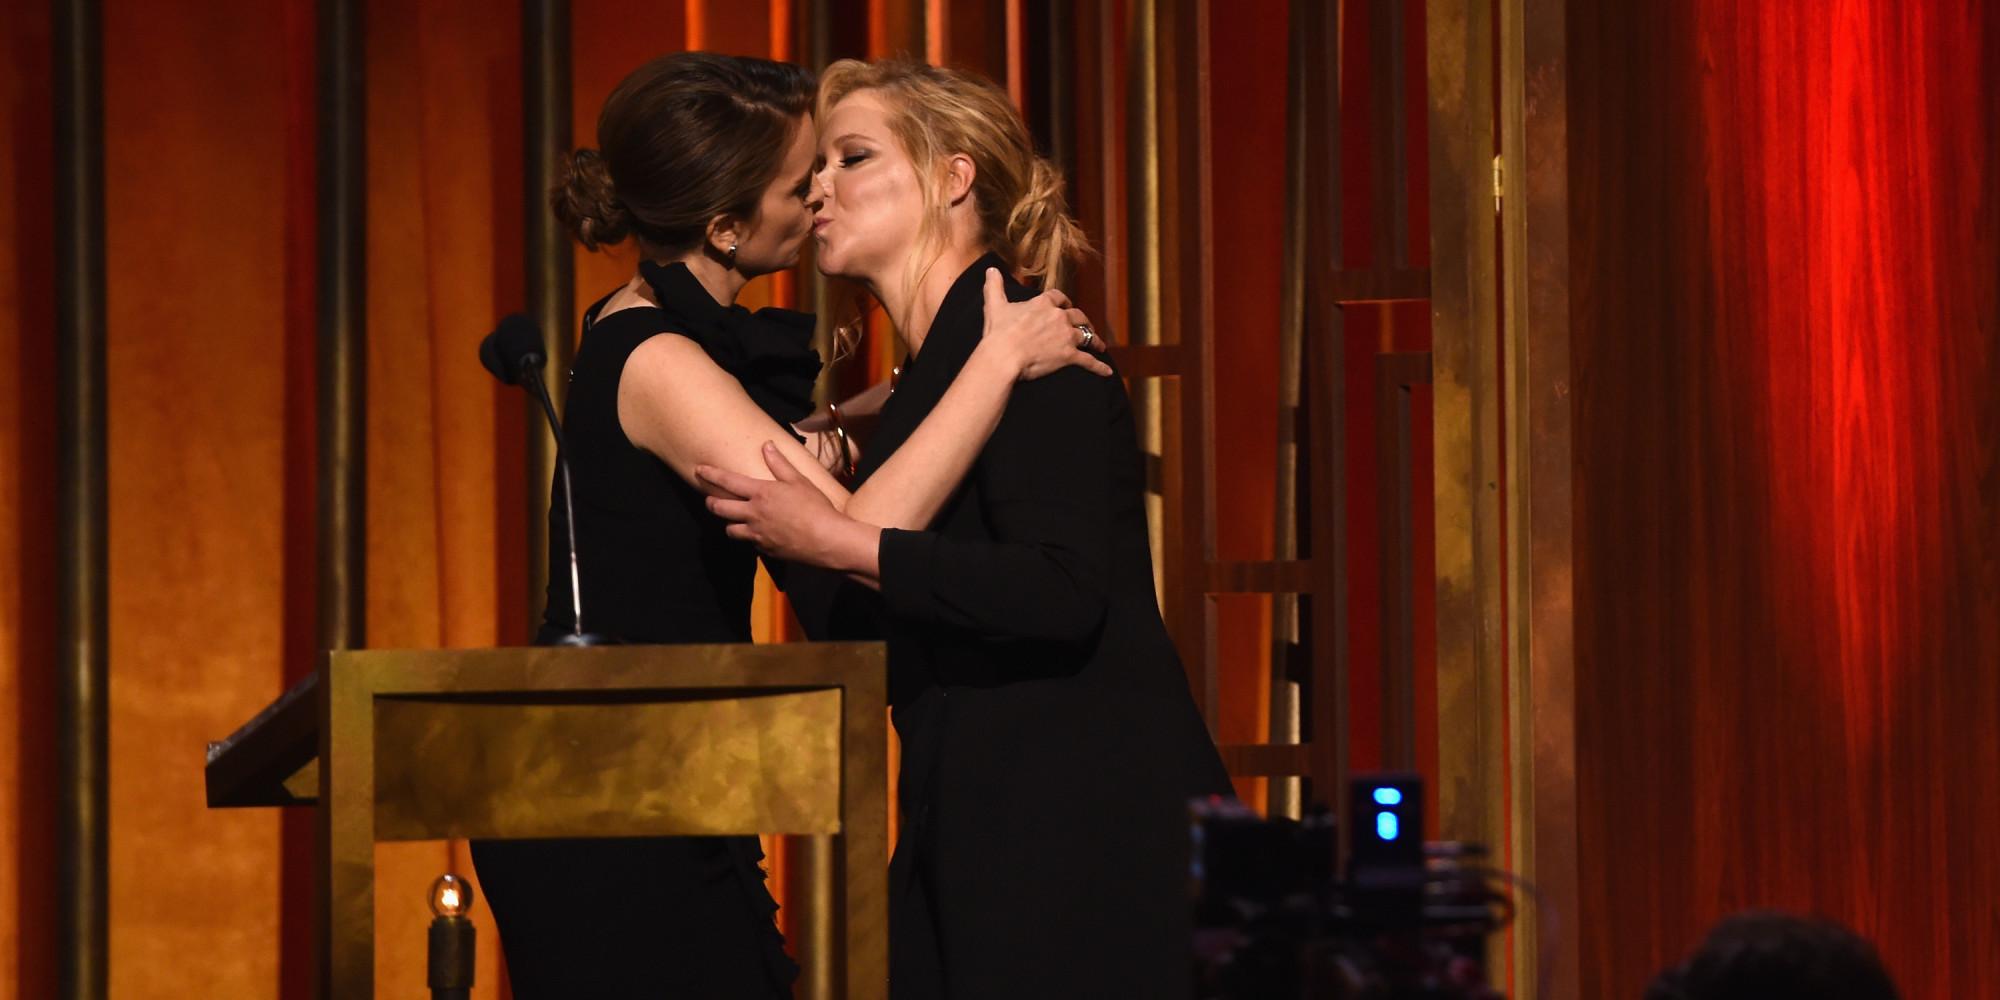 Show de besos lesbicos - 2 part 8